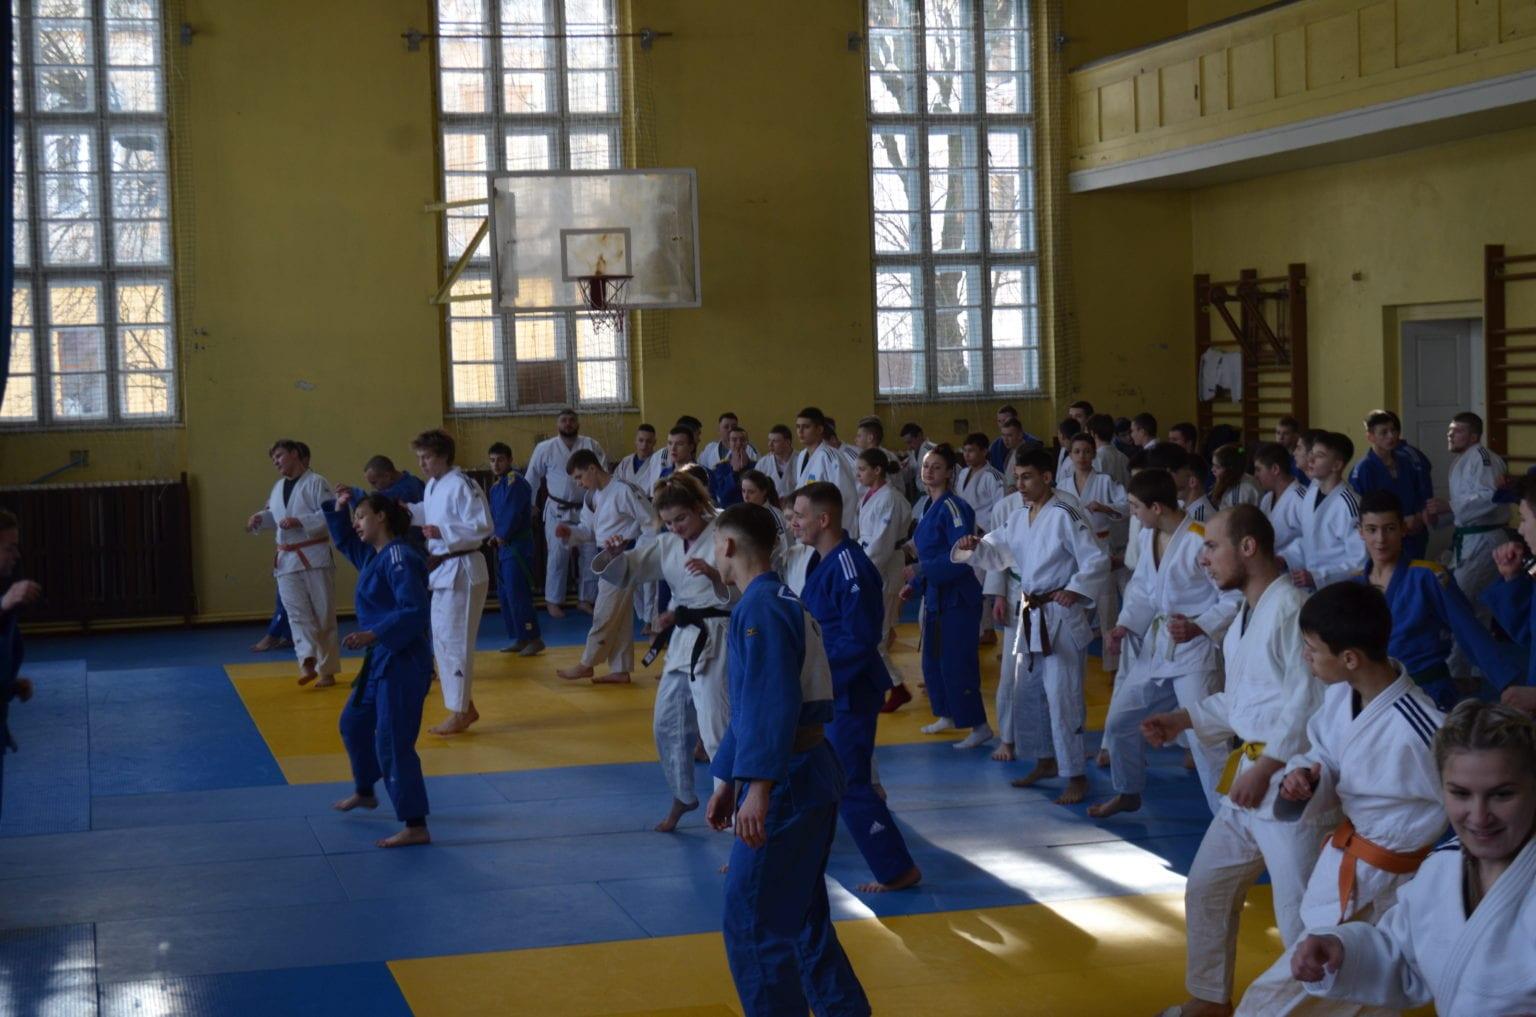 В субботу, 20 февраля, небольшая команда дзюдоистов Ужгородской государственной школы No 1 отправилась на открытый чемпионат Львовской области по дзюдо среди 18 лет (2004-2006).